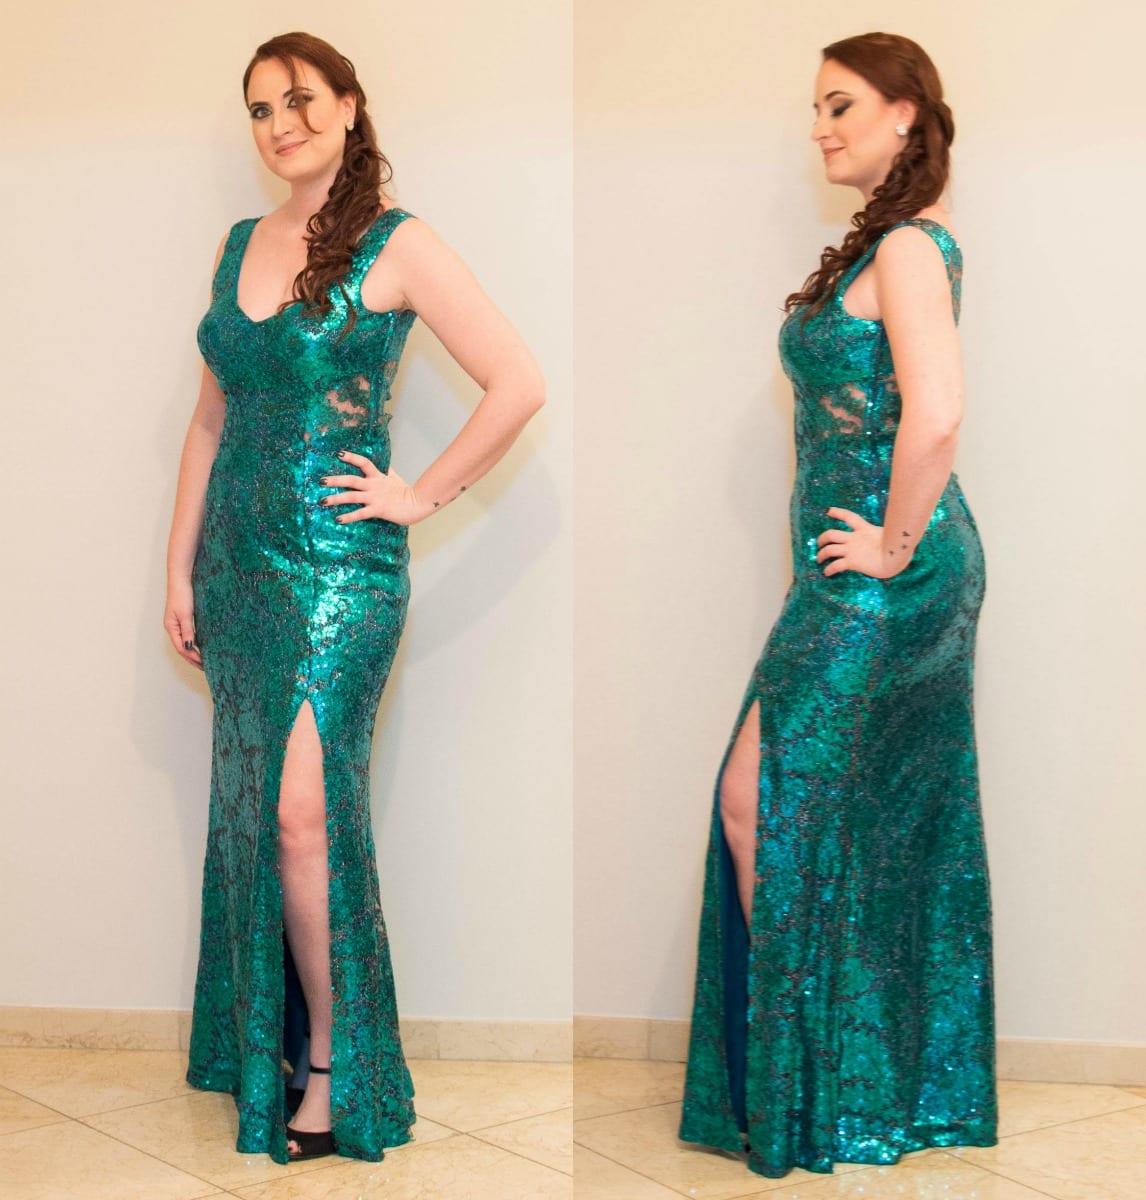 Vestido de festa para madrinha de casamento: modelo sereia, justo e com fenda na perna. Com brilho e lantejoulas azul petróleo. Vestido da loja Aslan Rigor. Foto: Nay Santos Fotografia para o blog Planejando Meu Casamento.